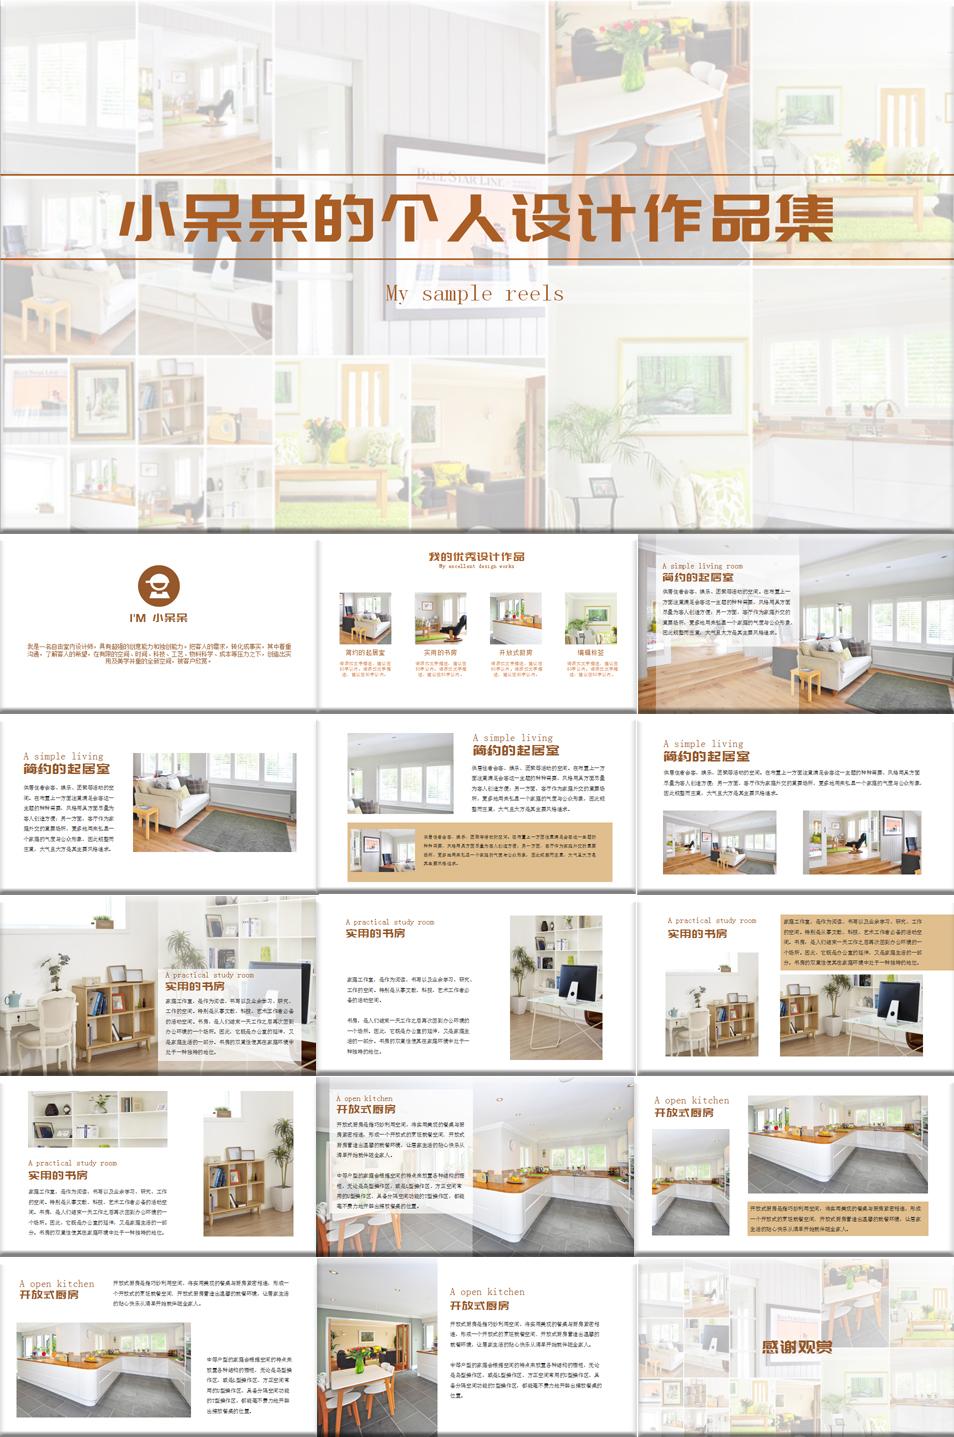 室内设计作品展示PPT模板